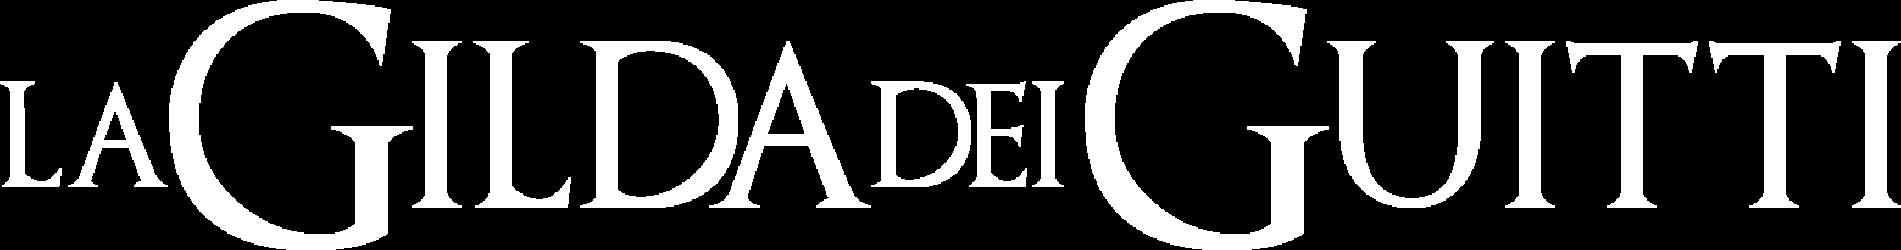 ACT La Gilda dei Guitti